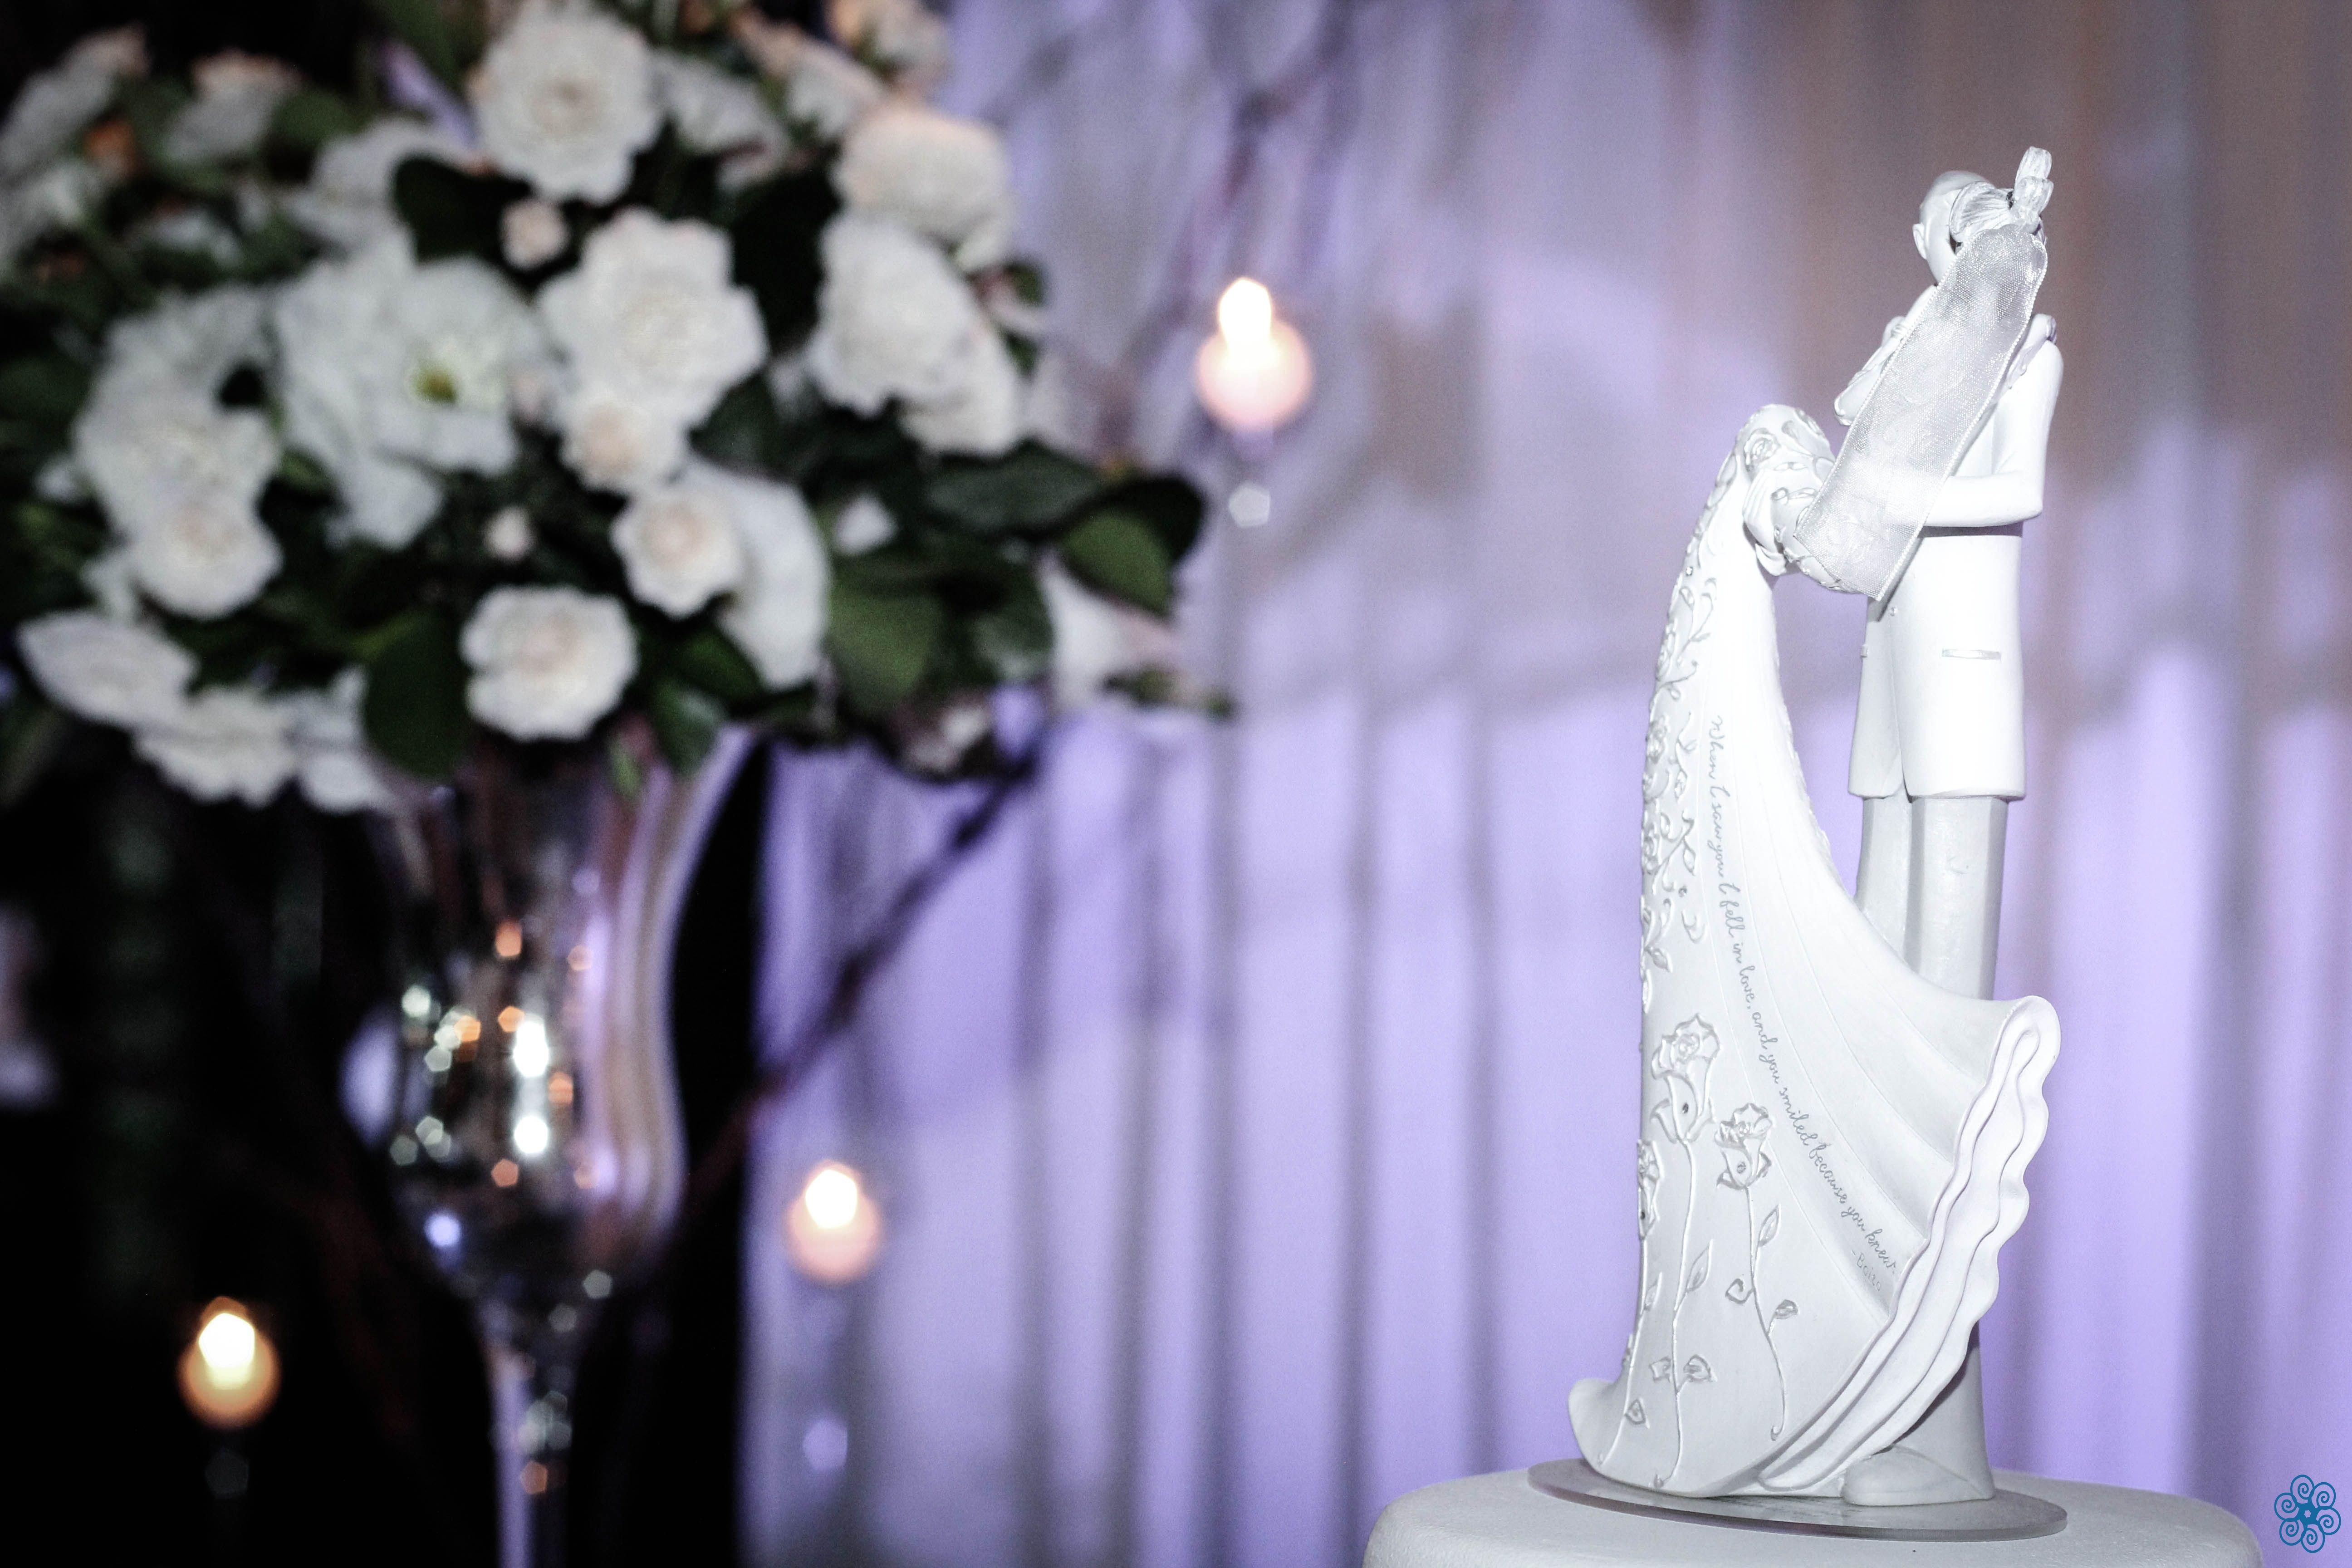 Casamento Patricia & Rafael #casamento #wedding #topodebolo #decoração #decor #noiva #bride #noivo #groom #love #amor